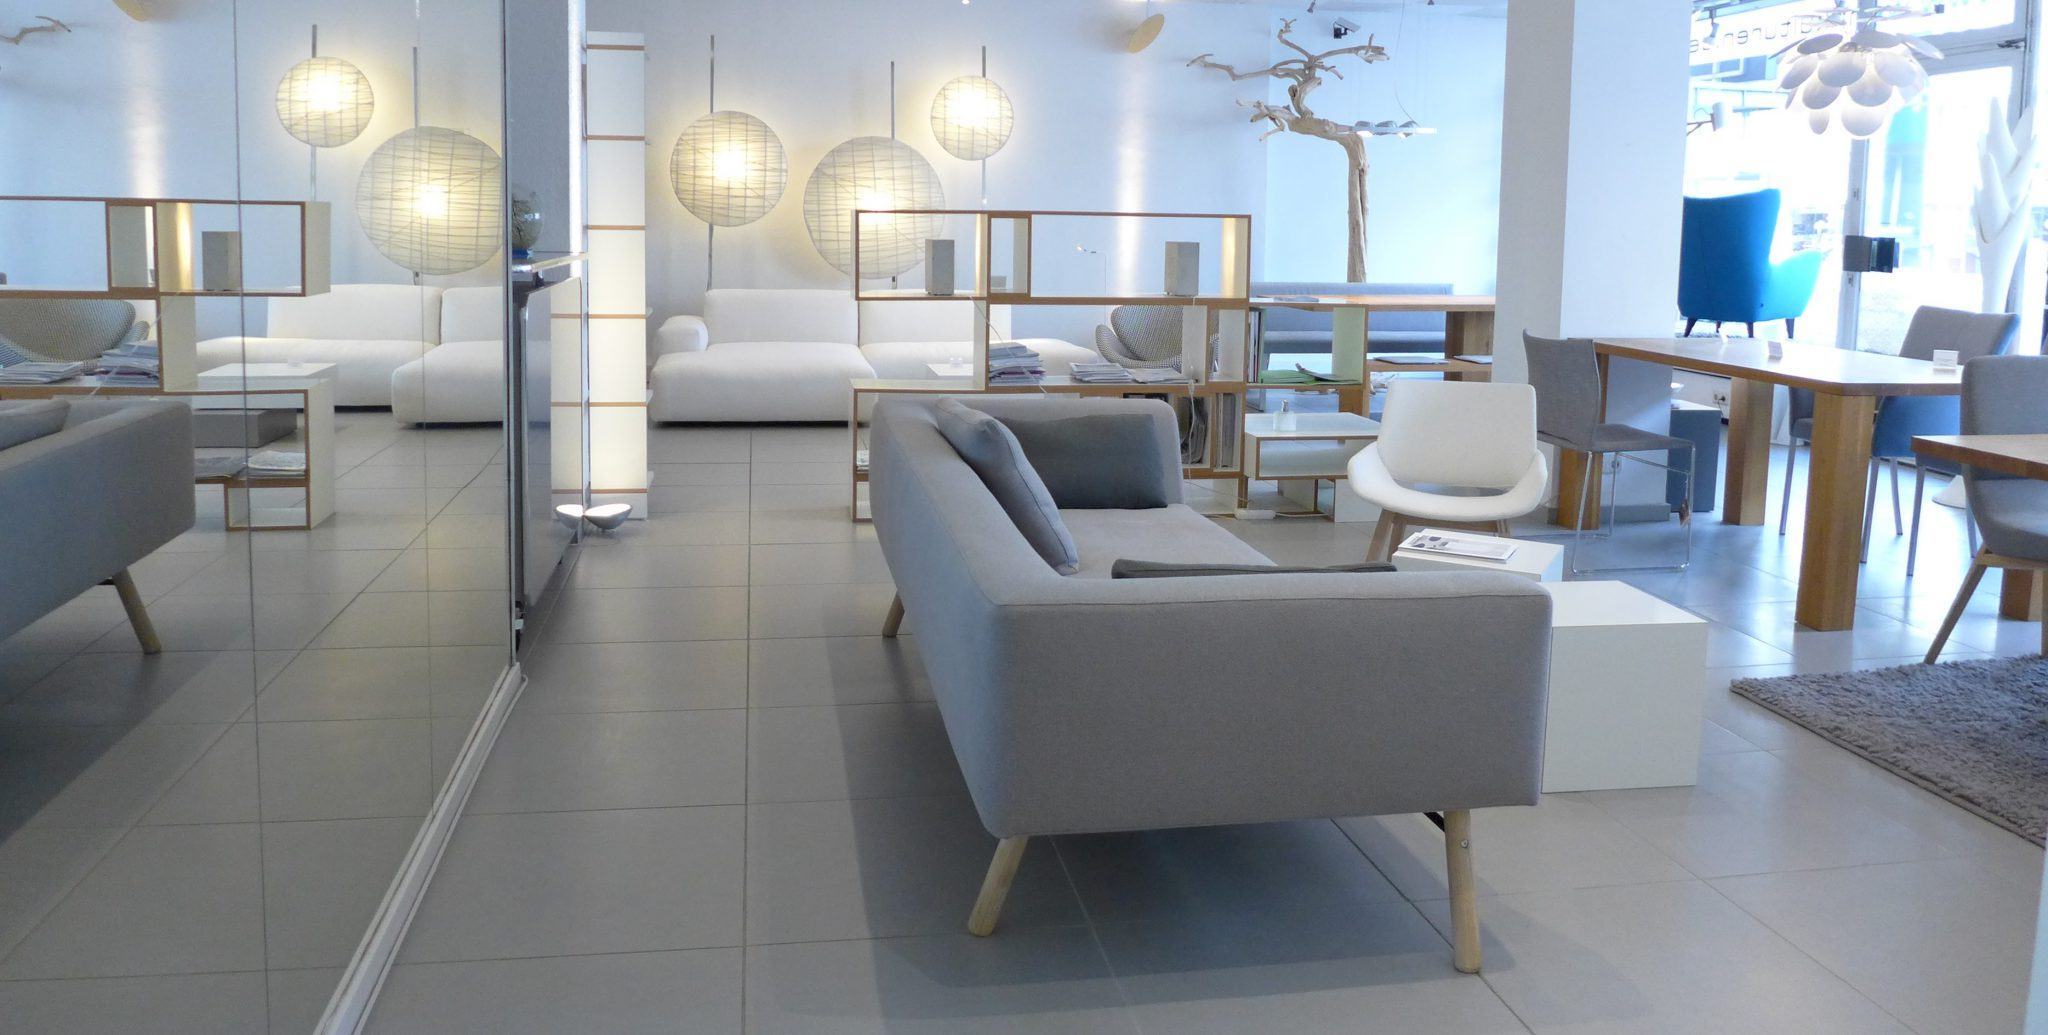 wohnkulturen designm bel spezialisten in bonn k ln und. Black Bedroom Furniture Sets. Home Design Ideas